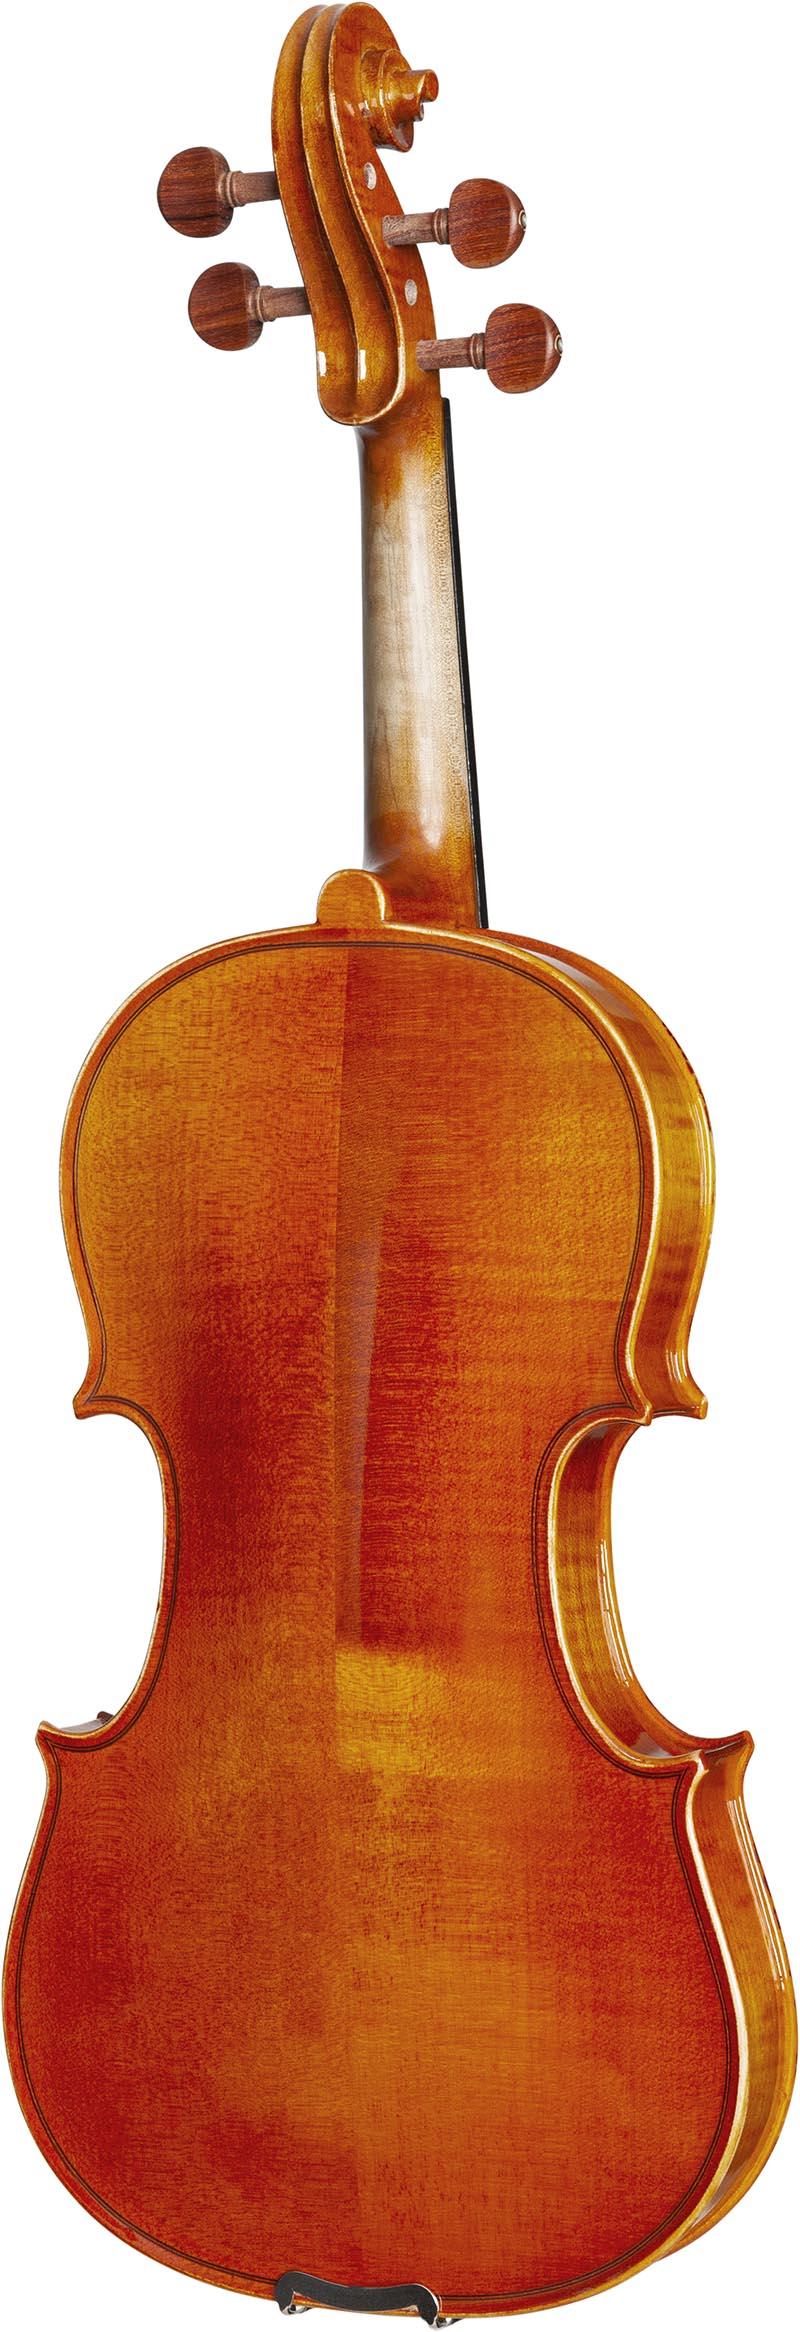 ve445 violino eagle ve445 visao posterior vertical